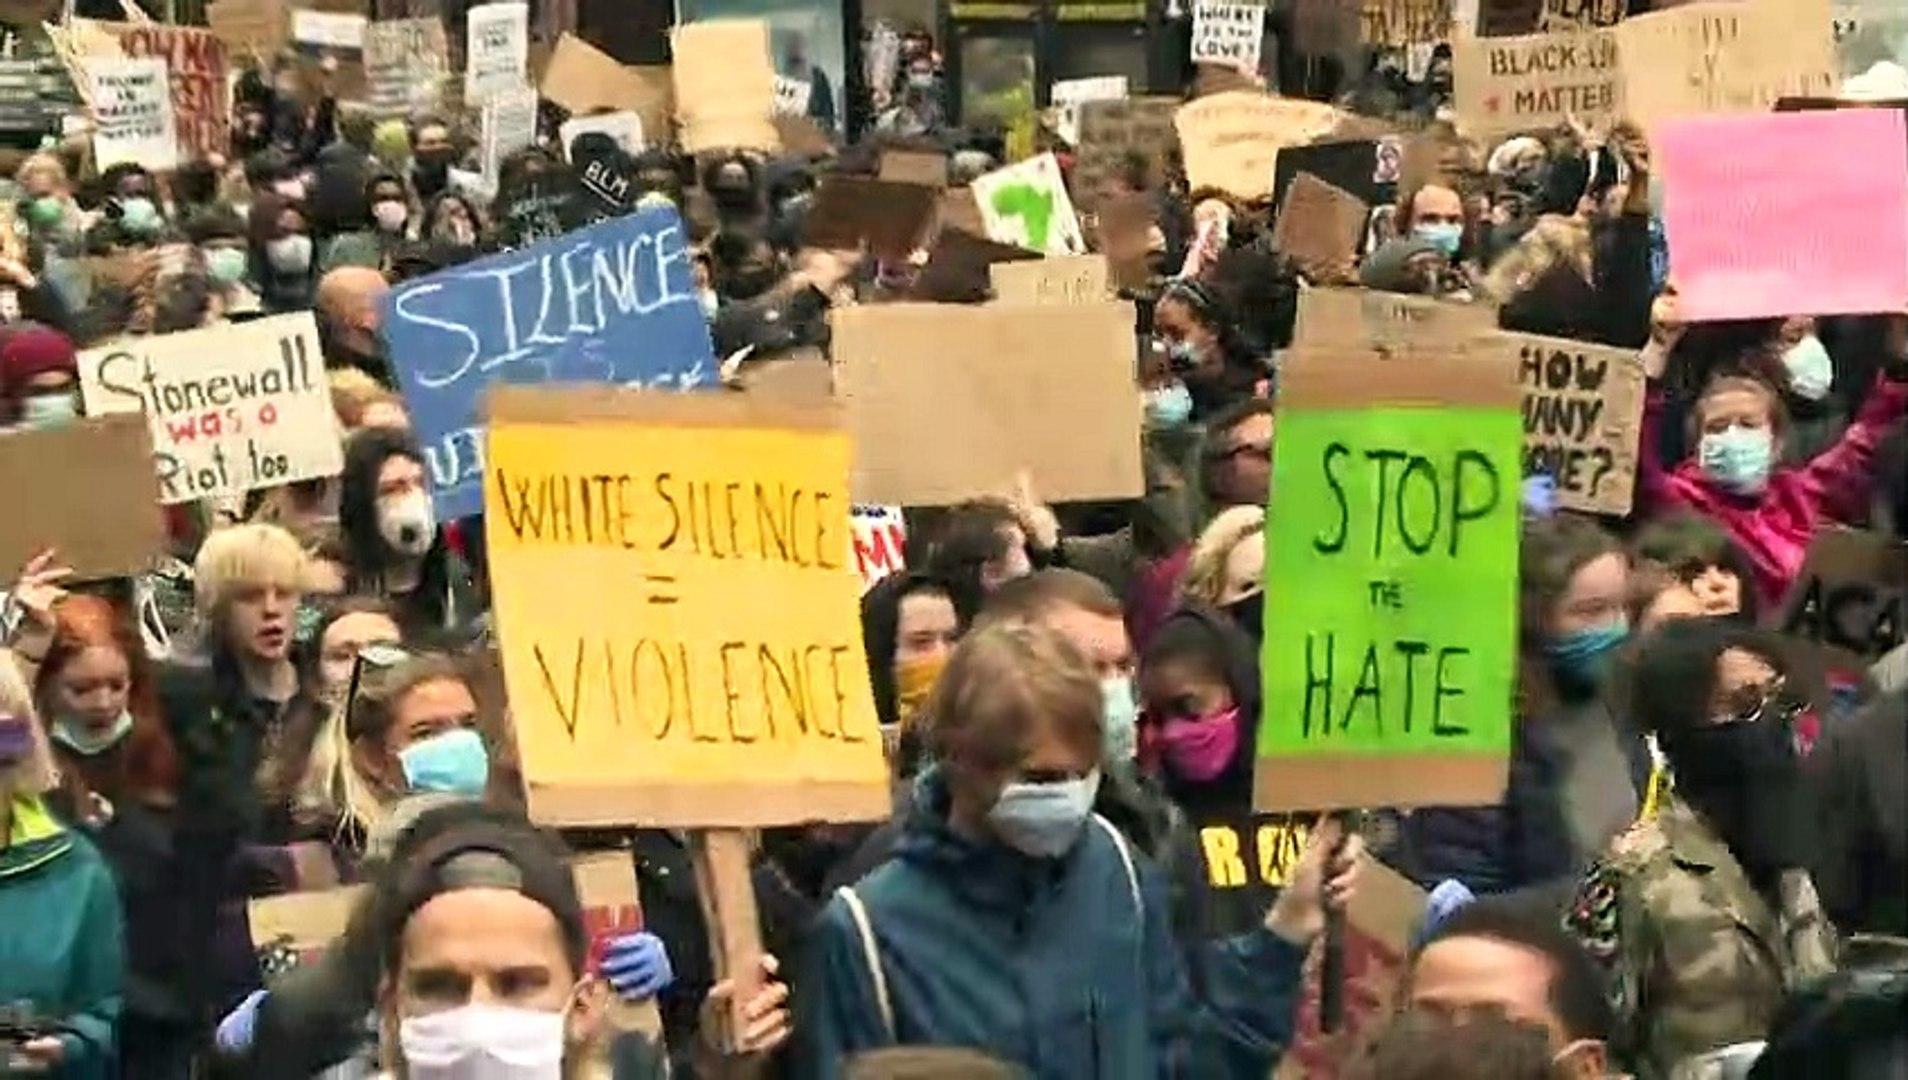 تظاهرات مناهضة للعنصرية في عدة أنحاء من العالم